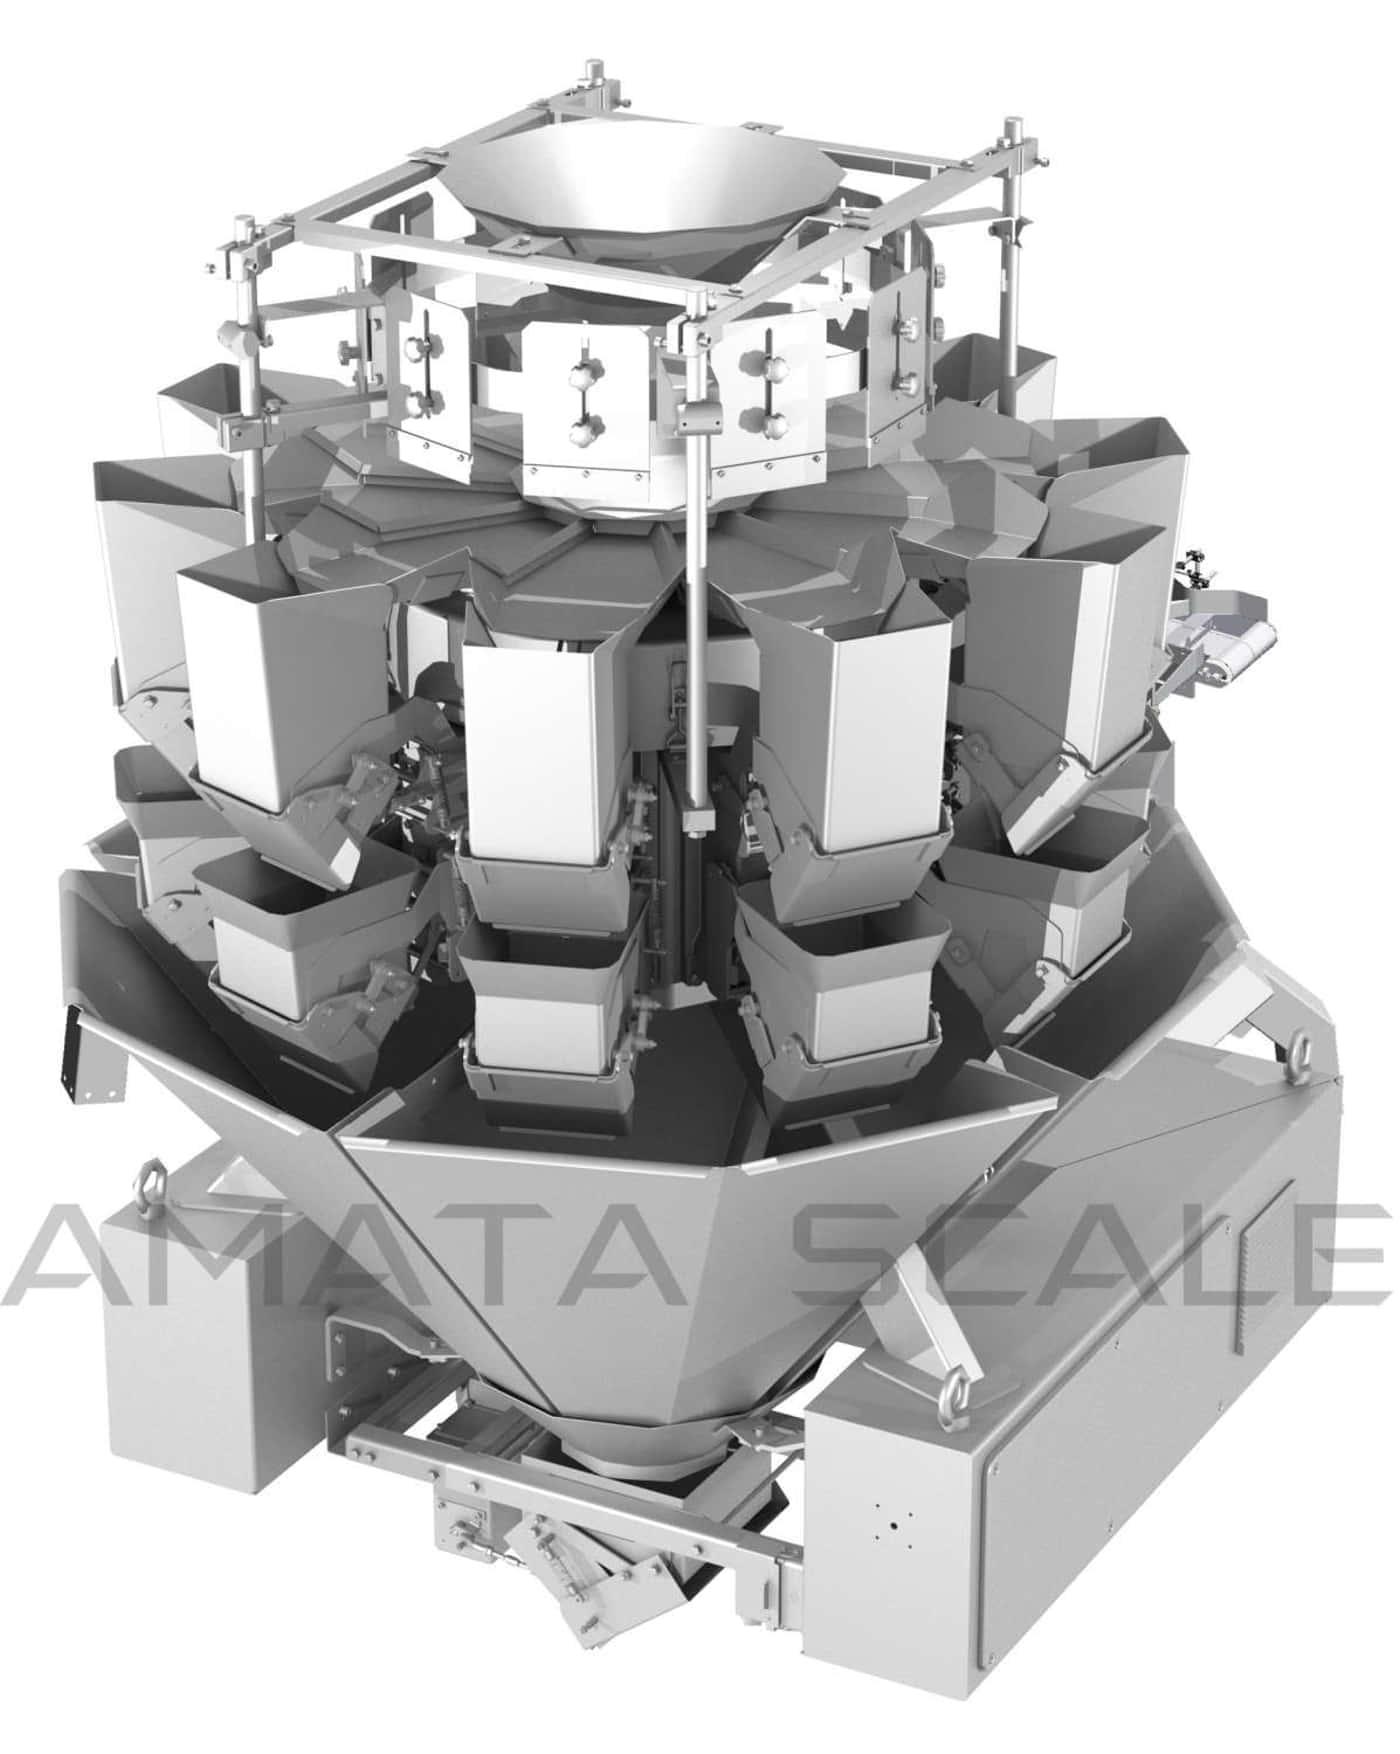 AMATA-КАТЕ-210-R